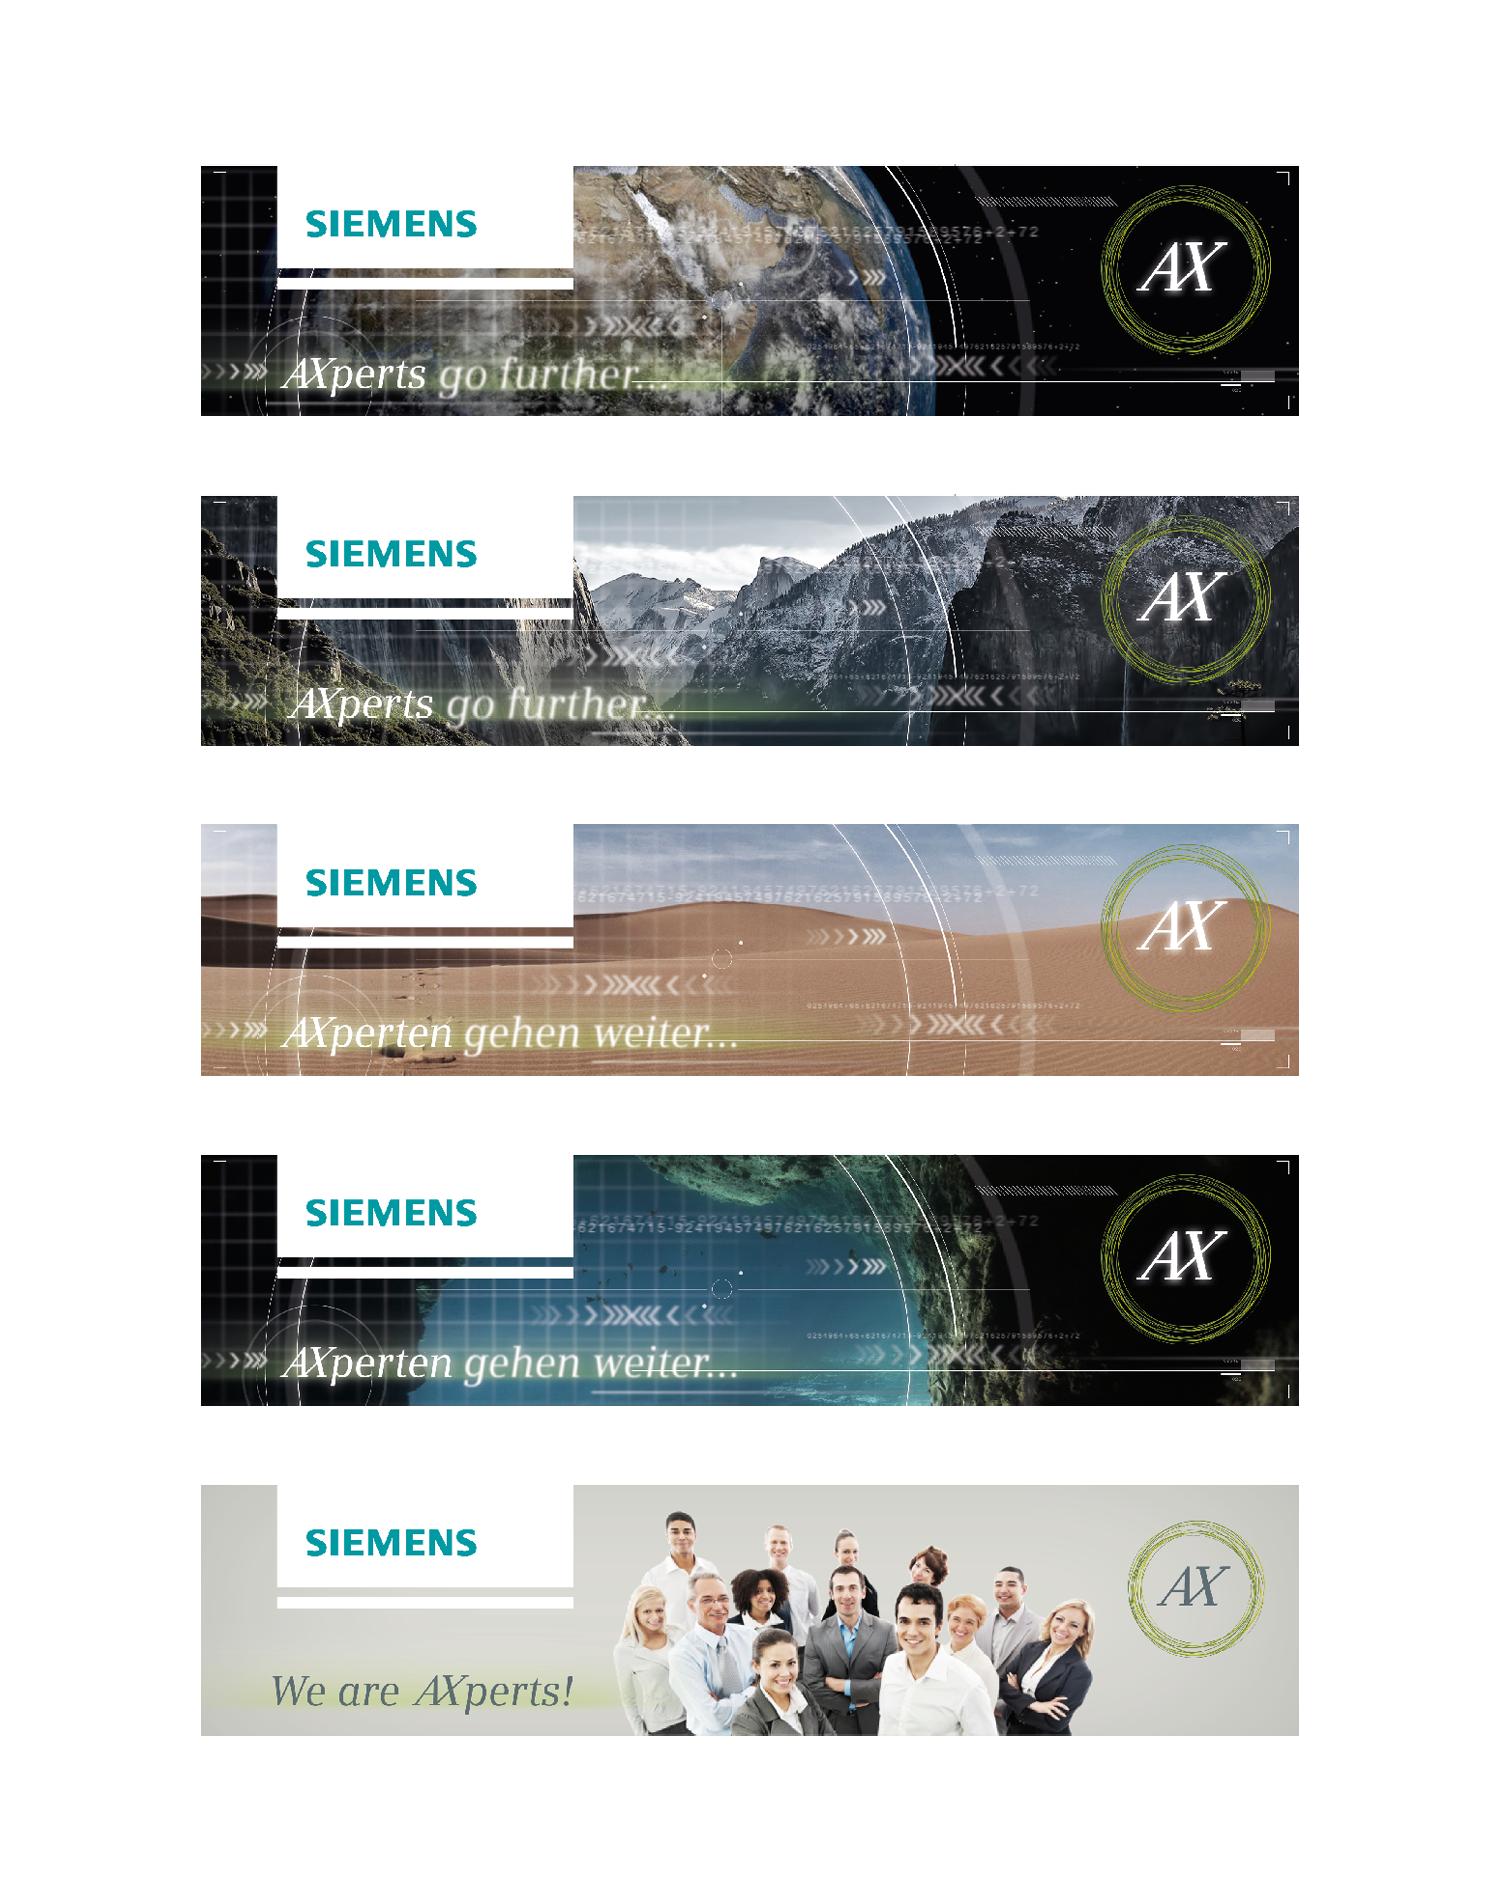 Siemens_AXperts_6